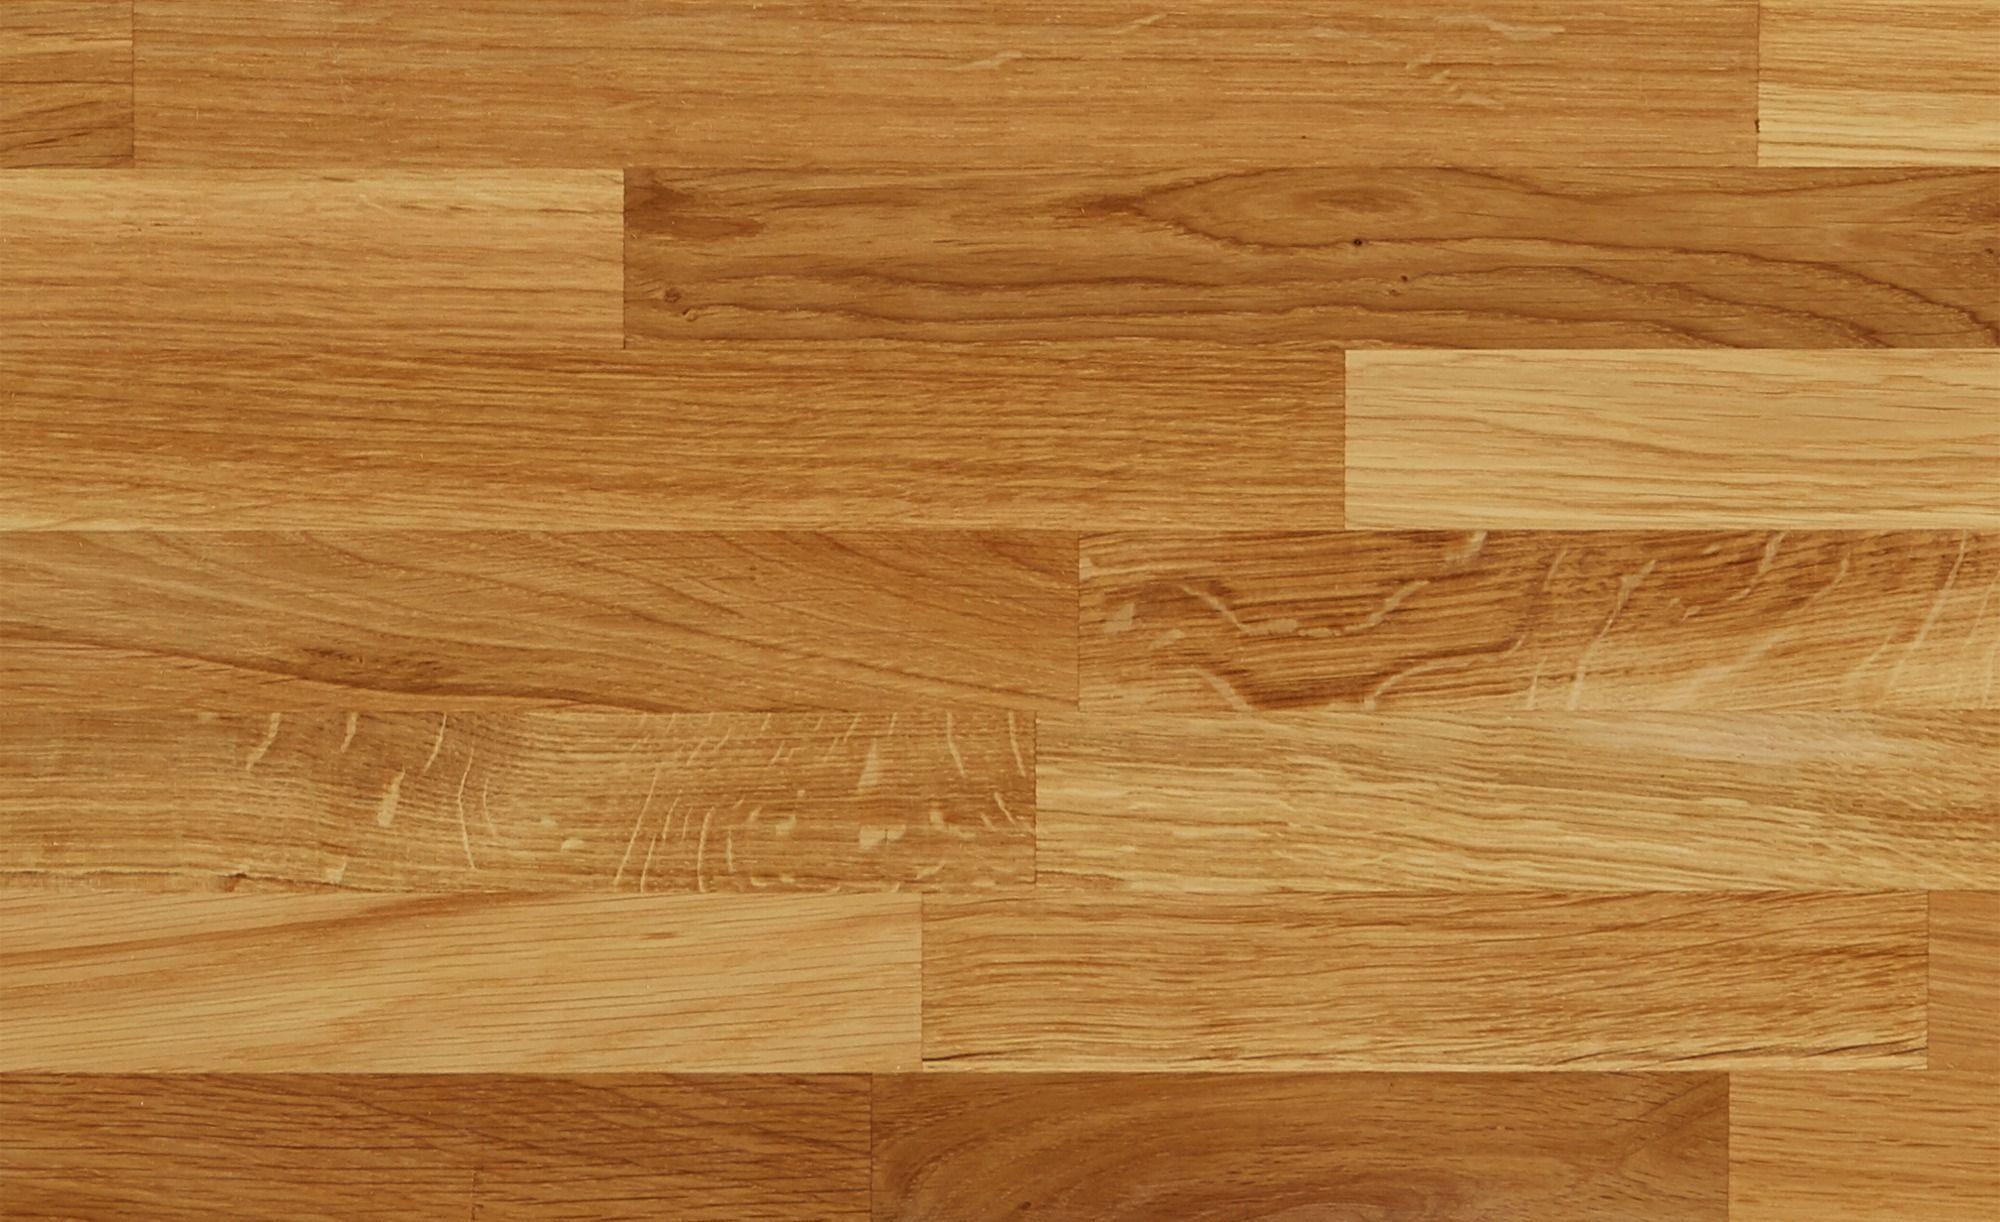 Massivholz Bettgestell Timber Gefunden Bei Mobel Hoffner In 2020 Wood Bed Frame Solid Wood Bed Frame Solid Wood Bed